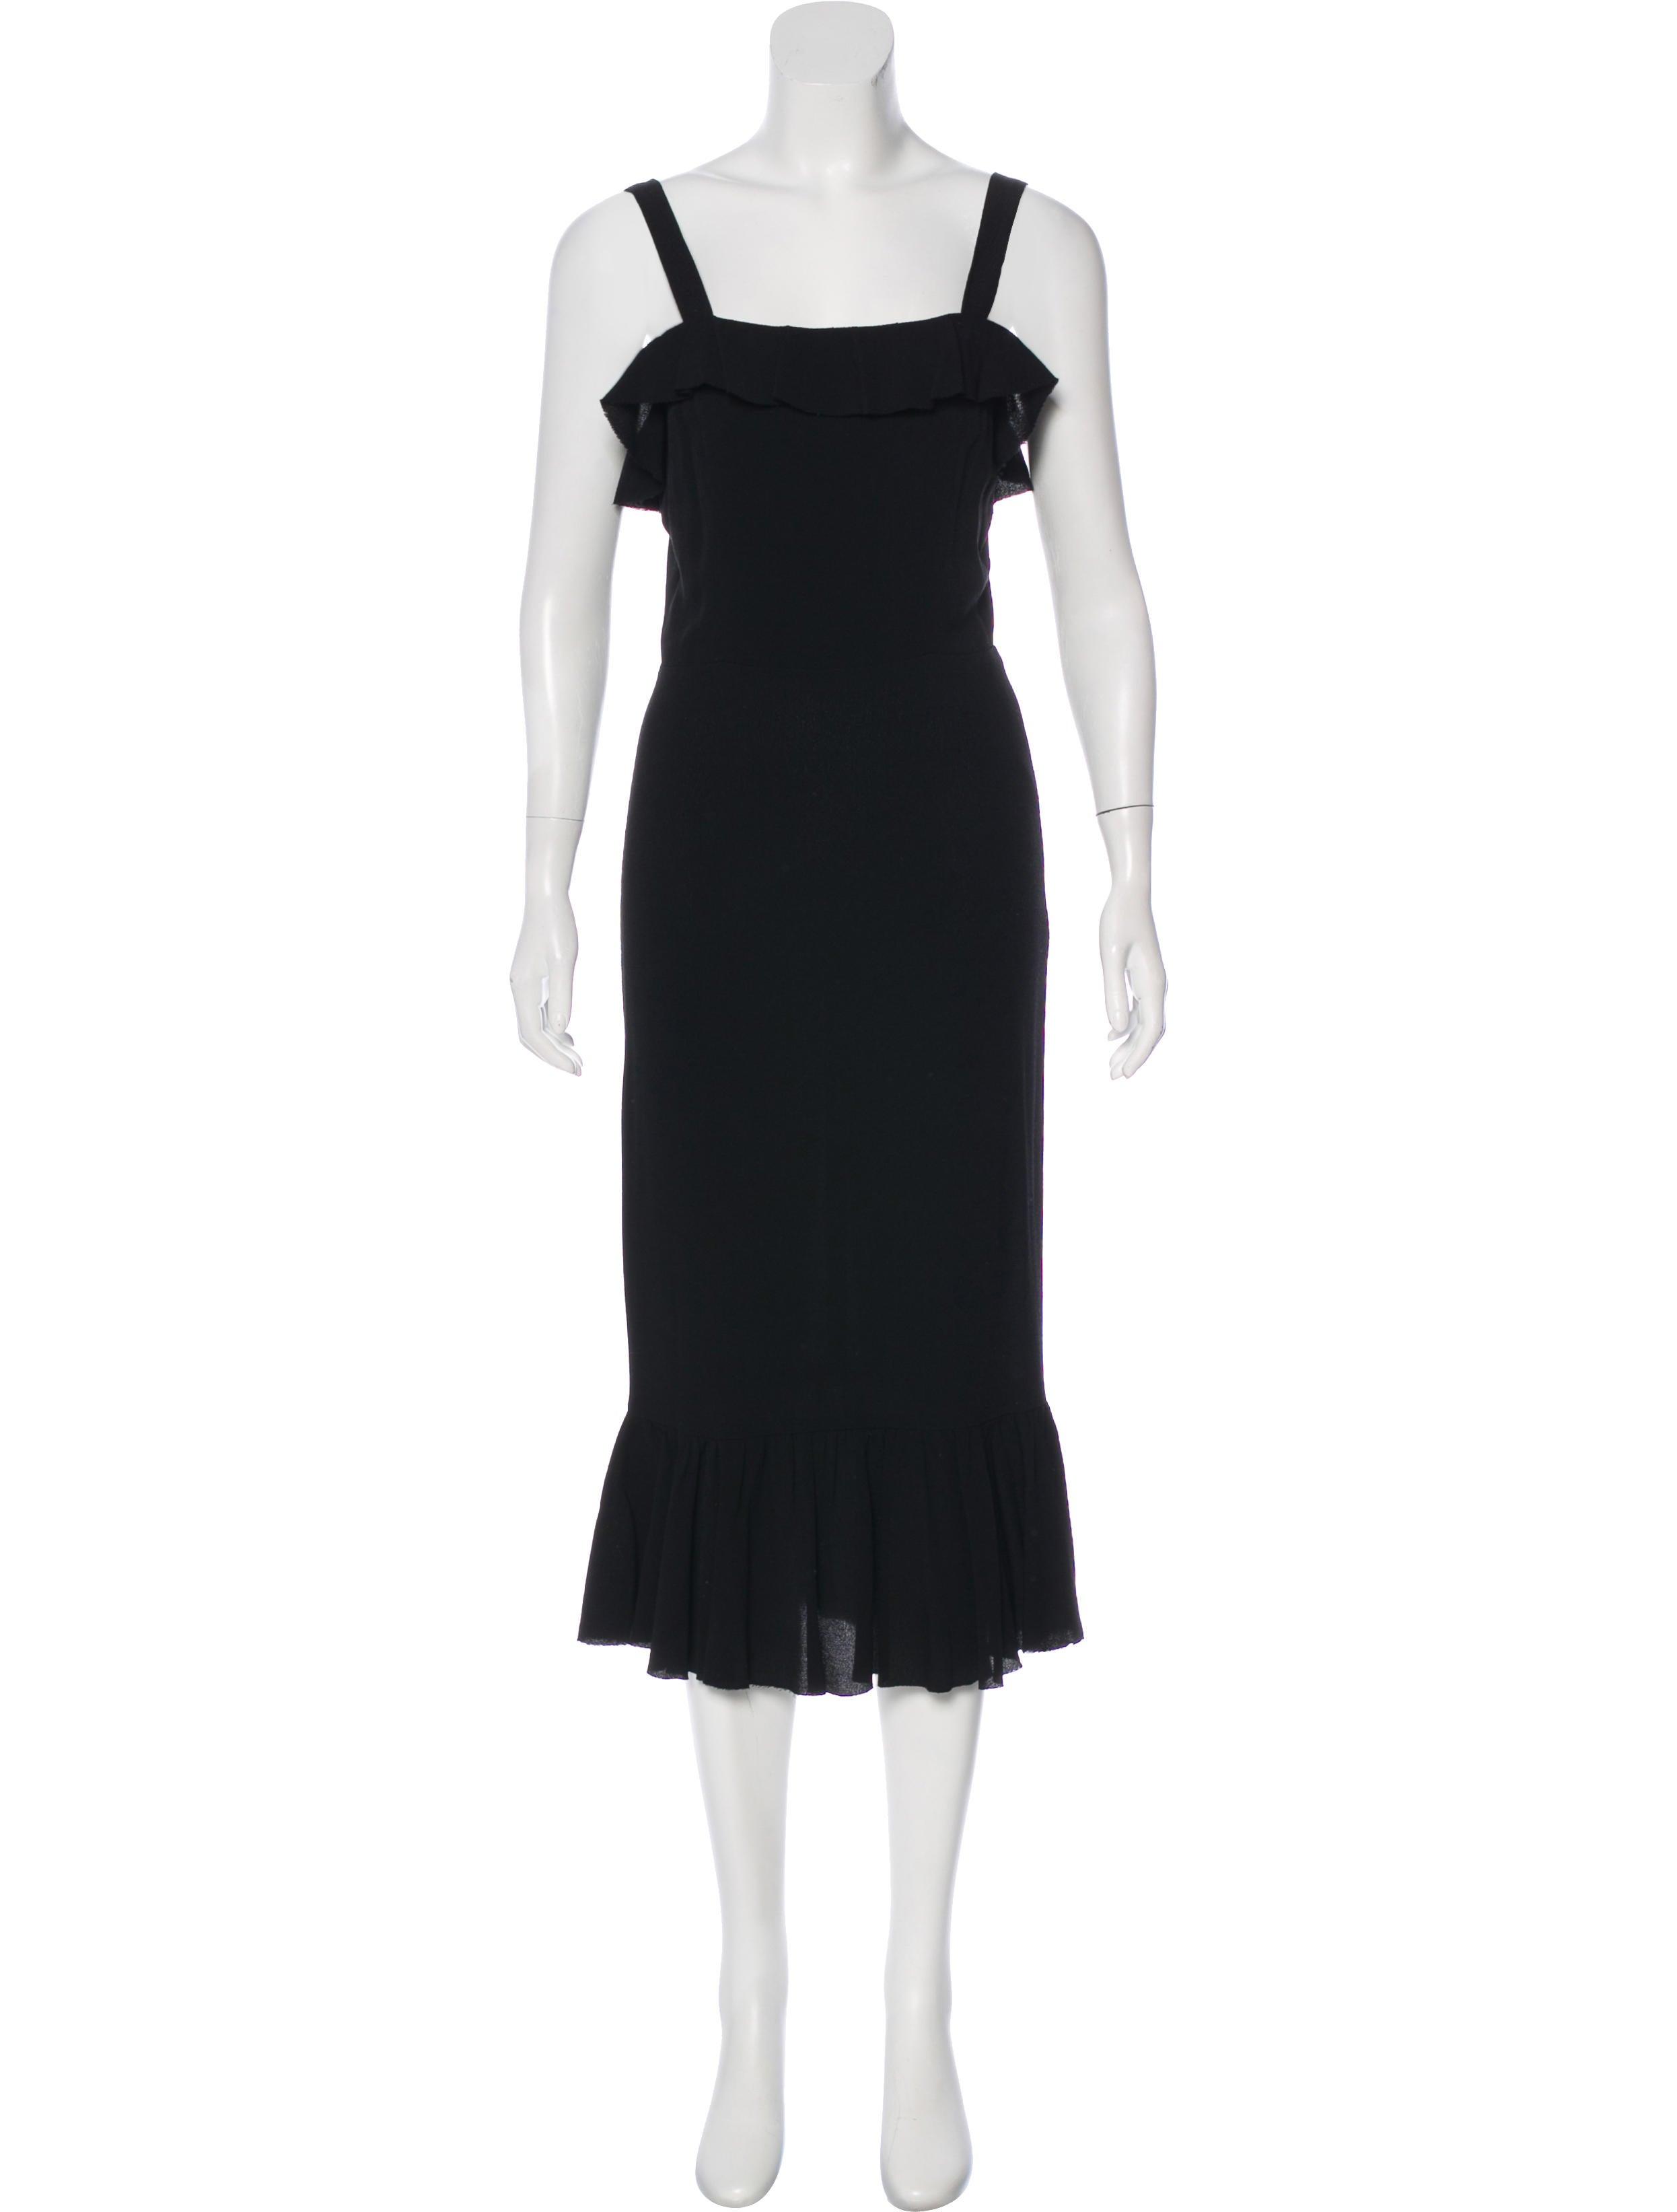 795c53e784 Reformation Frida Midi Dress w  Tags - Clothing - WRFMN22495